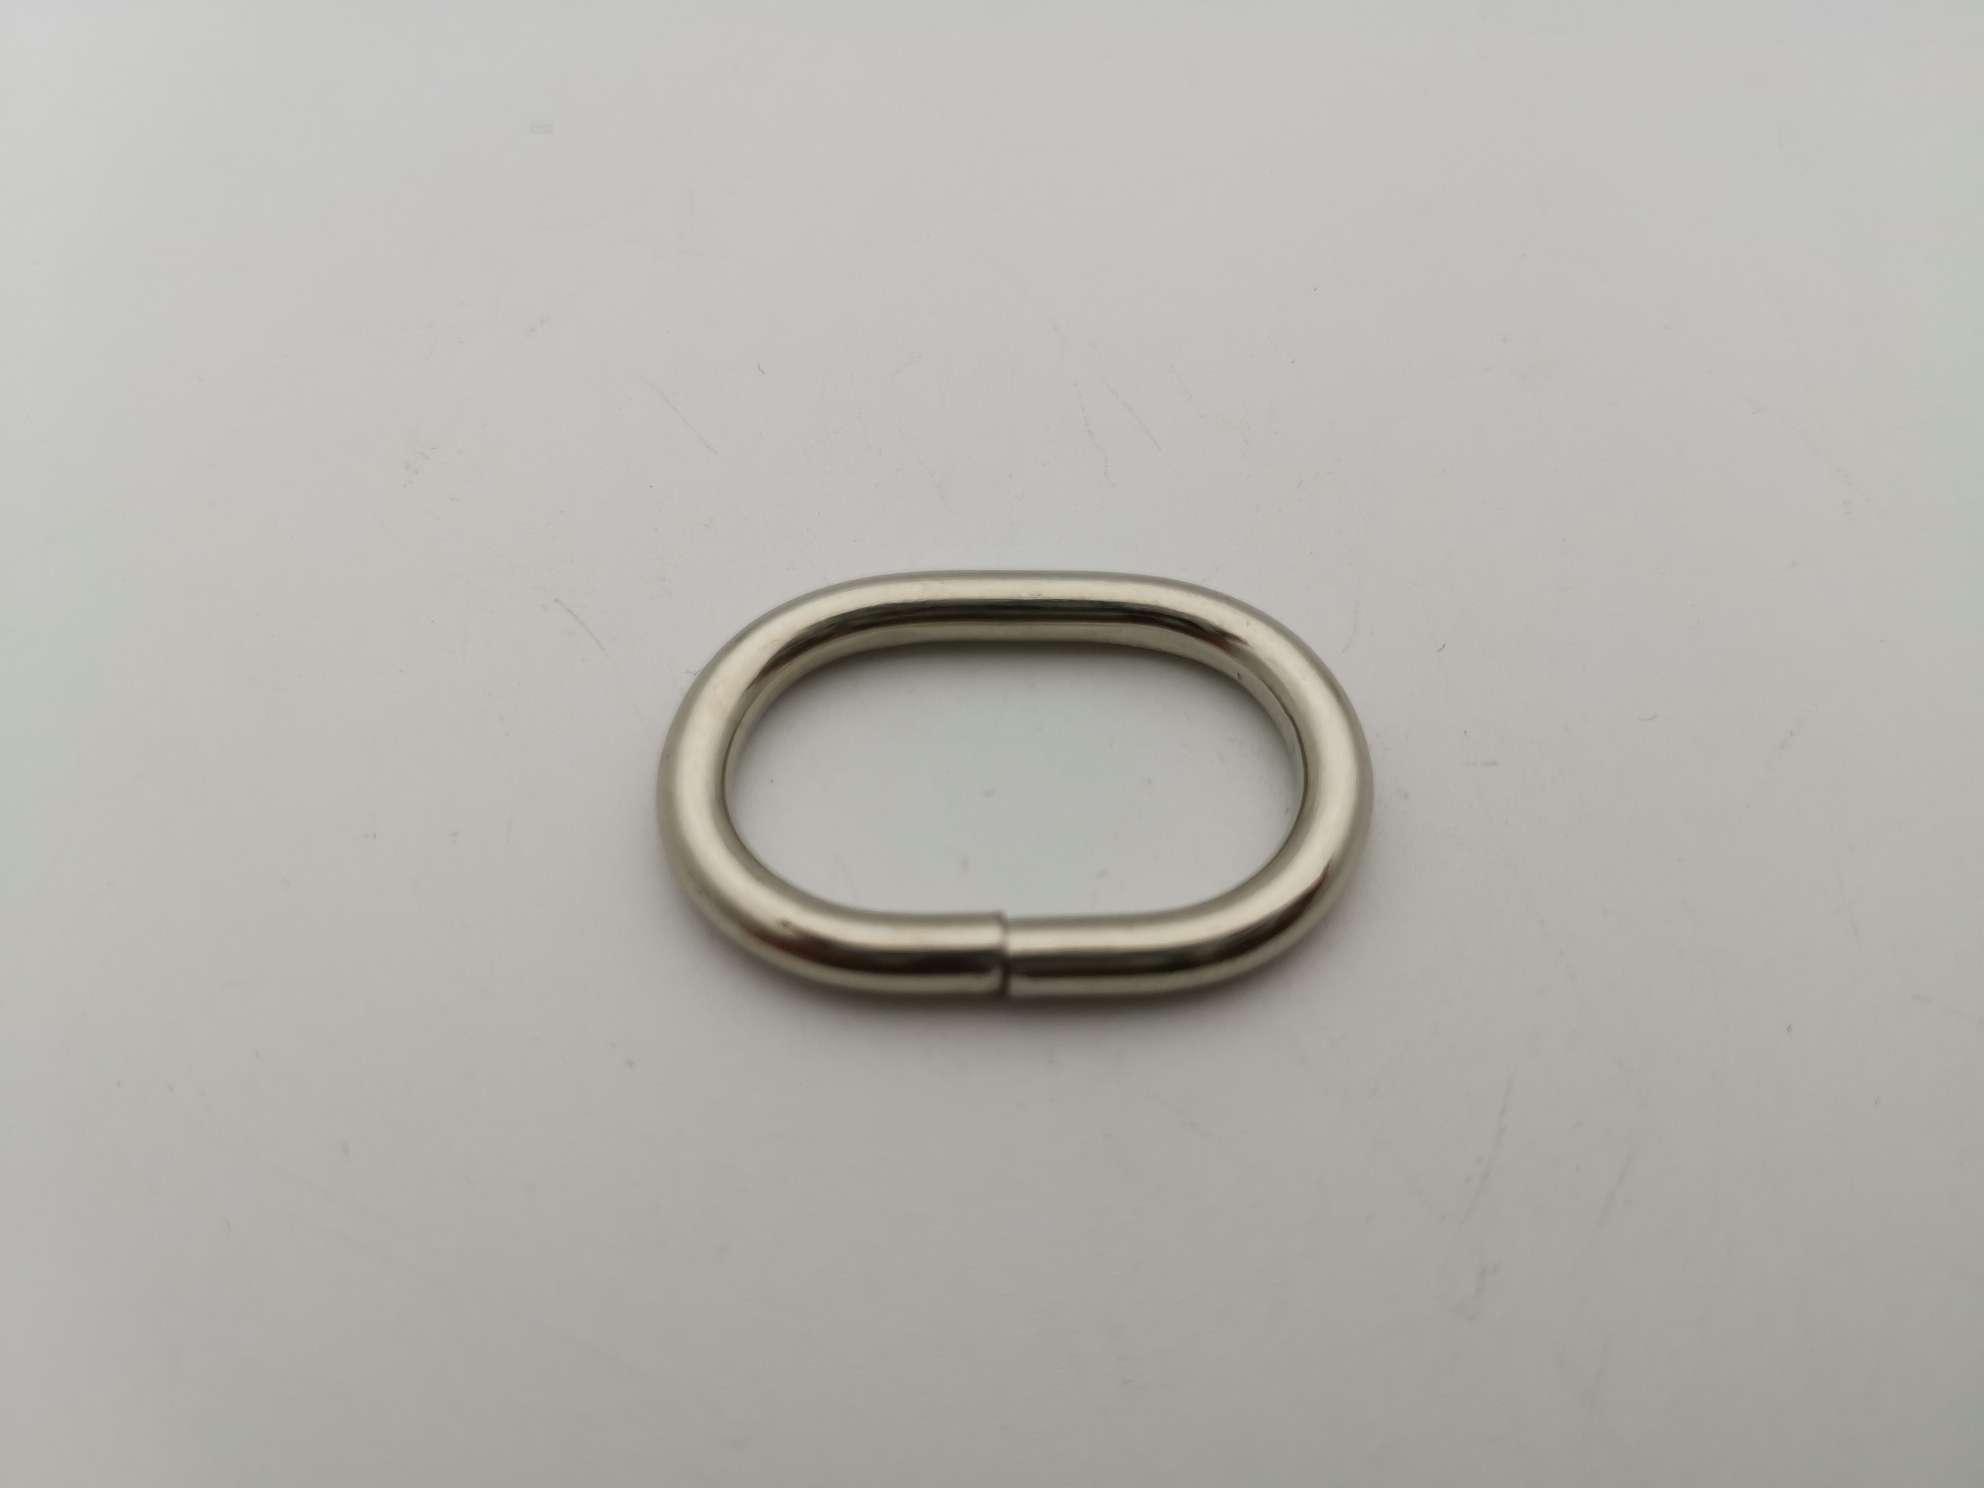 箱包配件 3.5线 内径25.5*15mm 椭圆铁线圈 旦形扣131